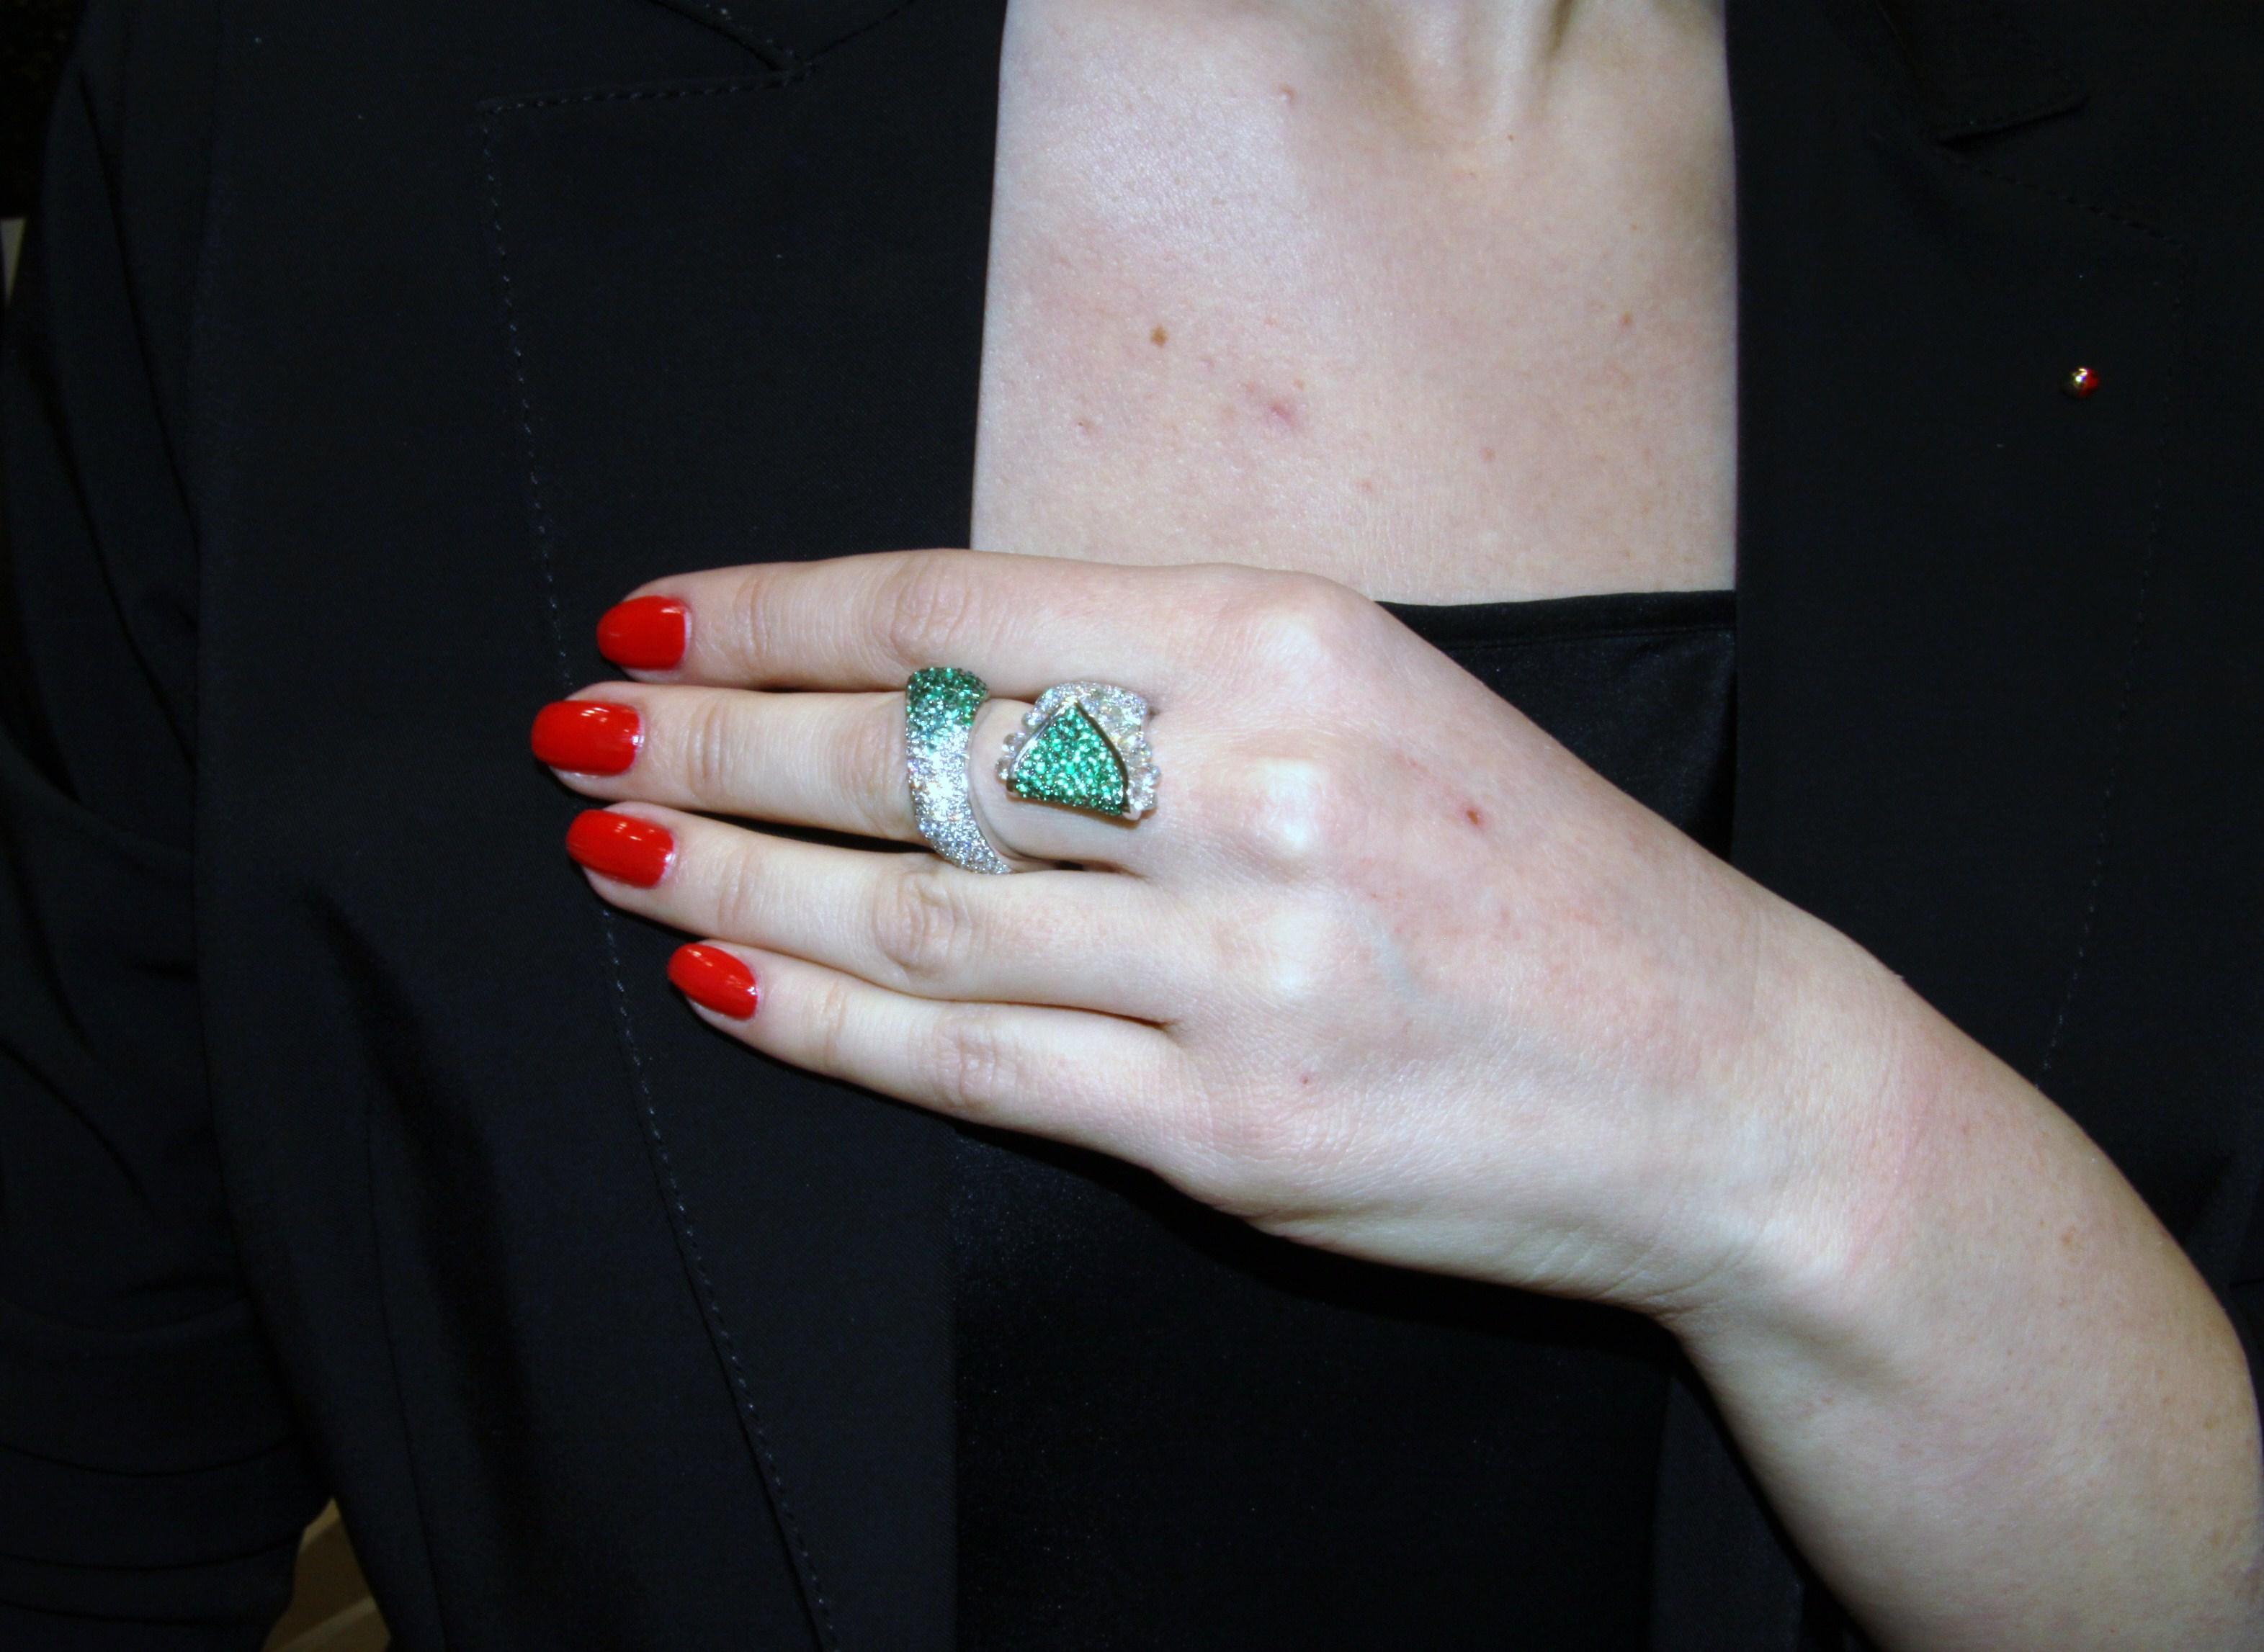 Torchon ring set in white gold with brilliant cut diamond, emerald degrade', briolette cut diamonds, Di Gregorio Gioielli